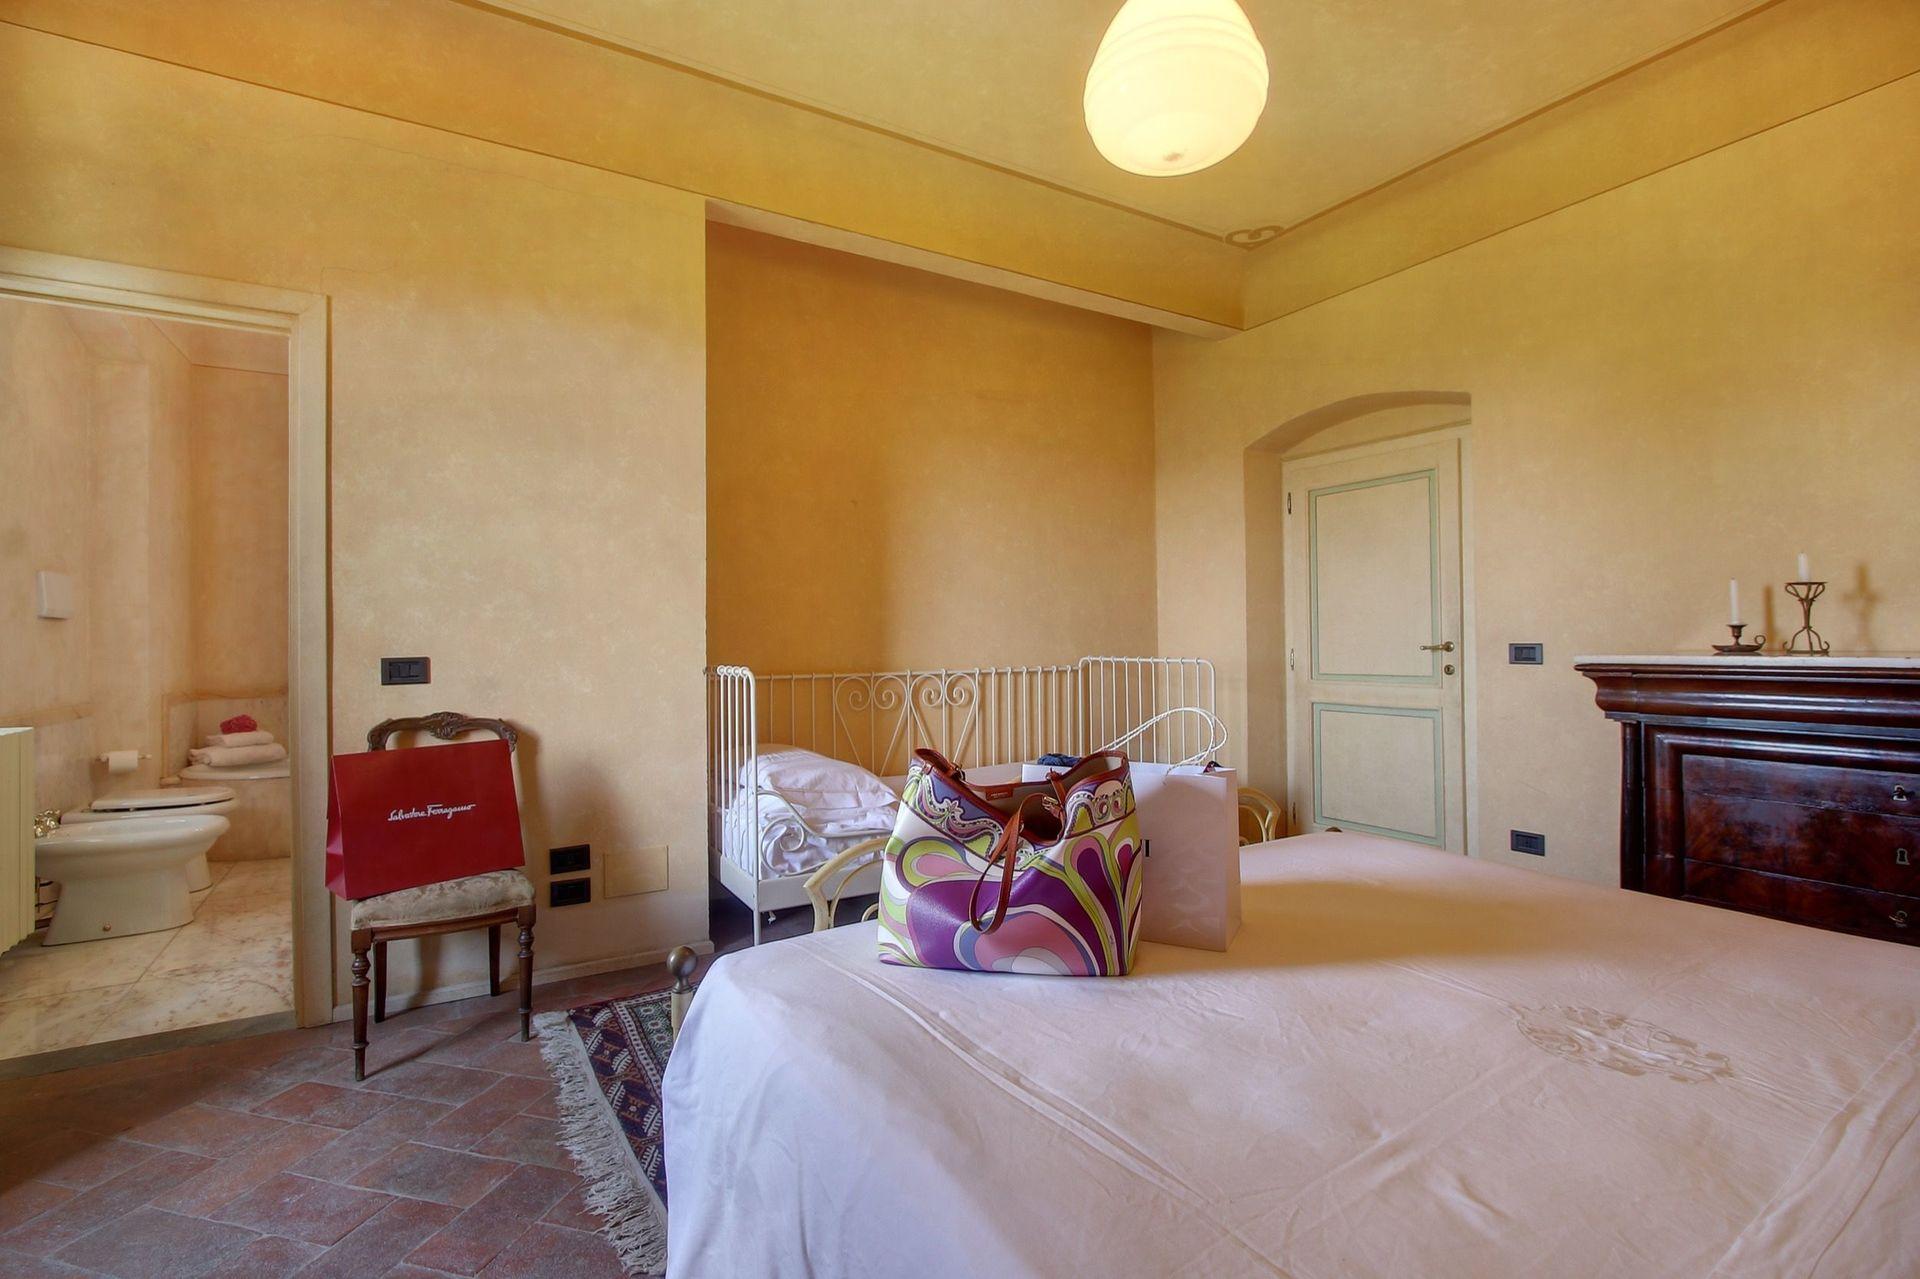 Villa lucolena casa vacanze con 10 posti letto in 5 for Villa con 5 camere da letto